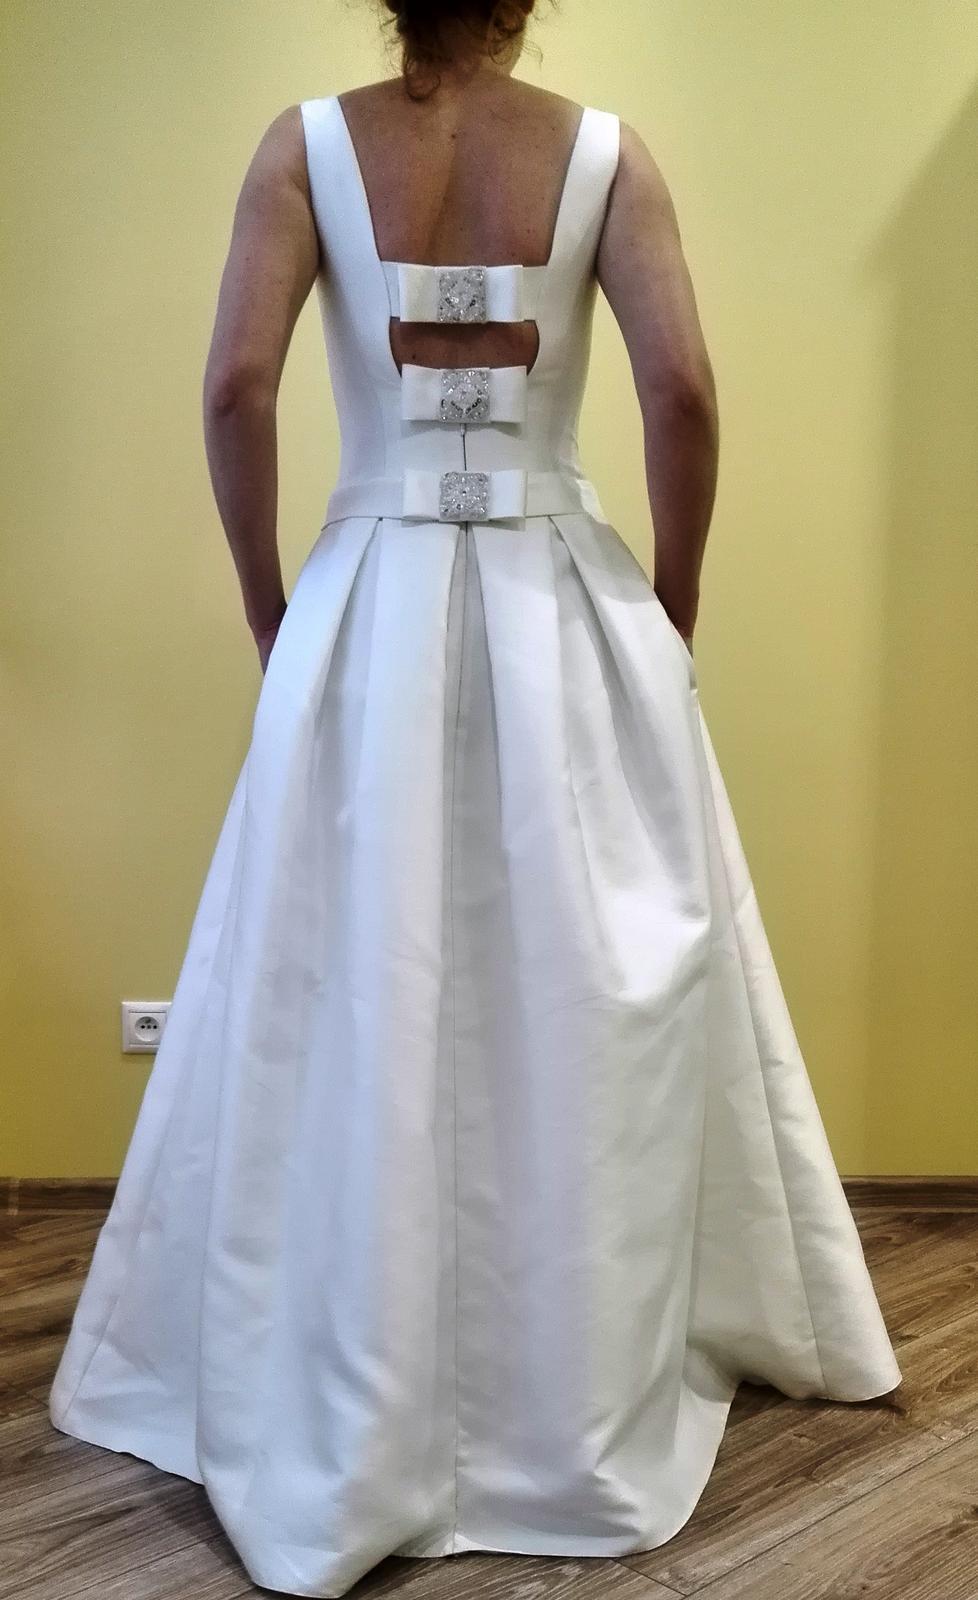 Rafinovane jednoduché svadobné šaty - Obrázok č. 2